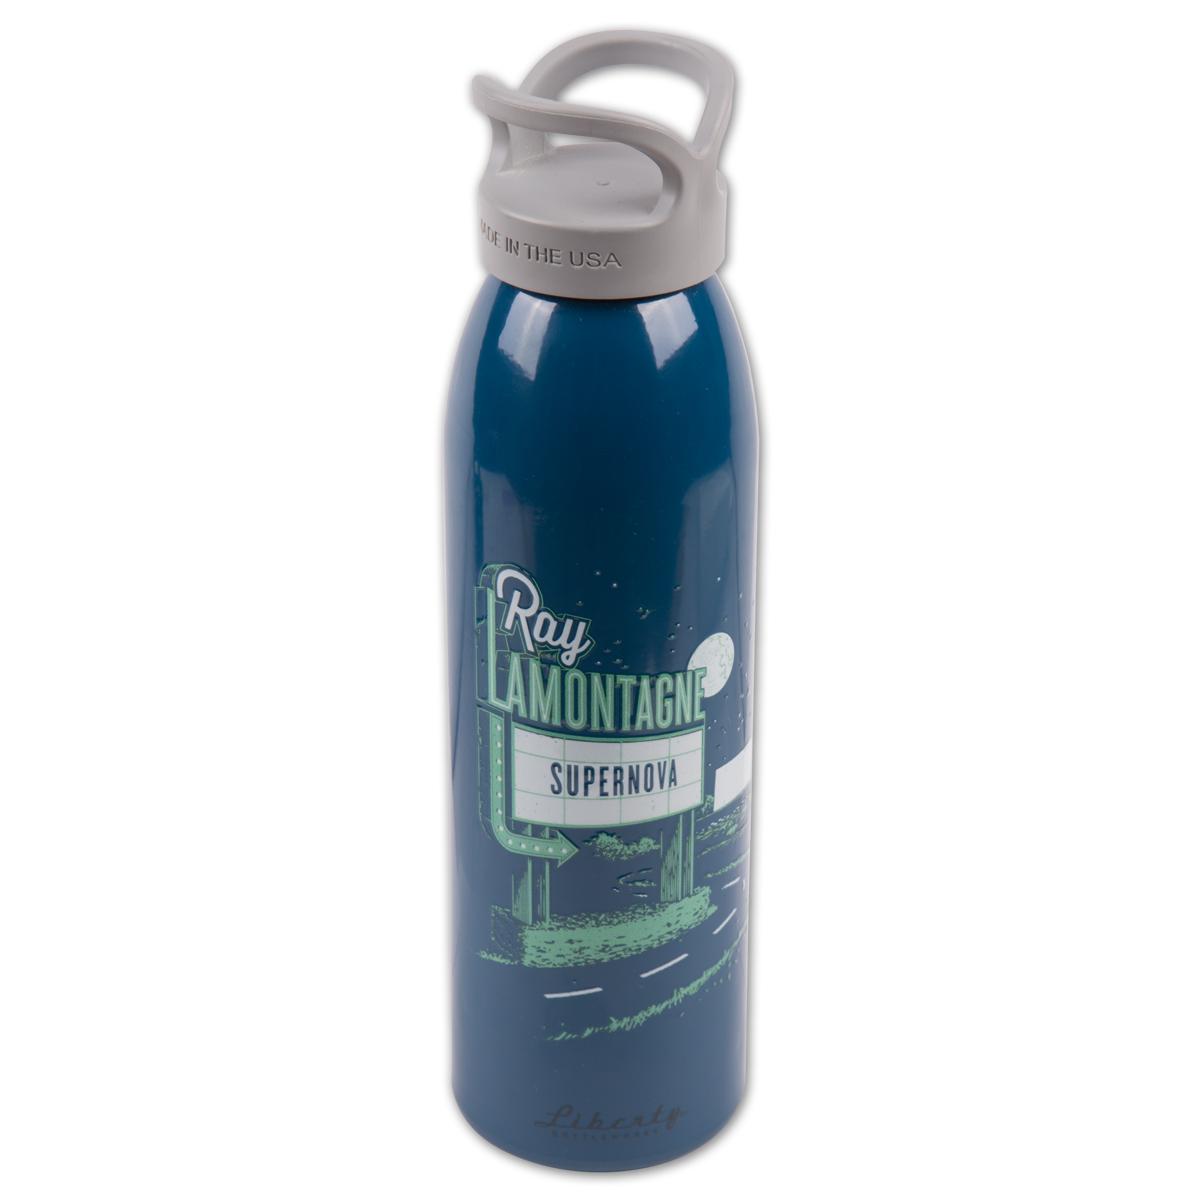 Ray LaMontagne 'Supernova' Liberty Water Bottle